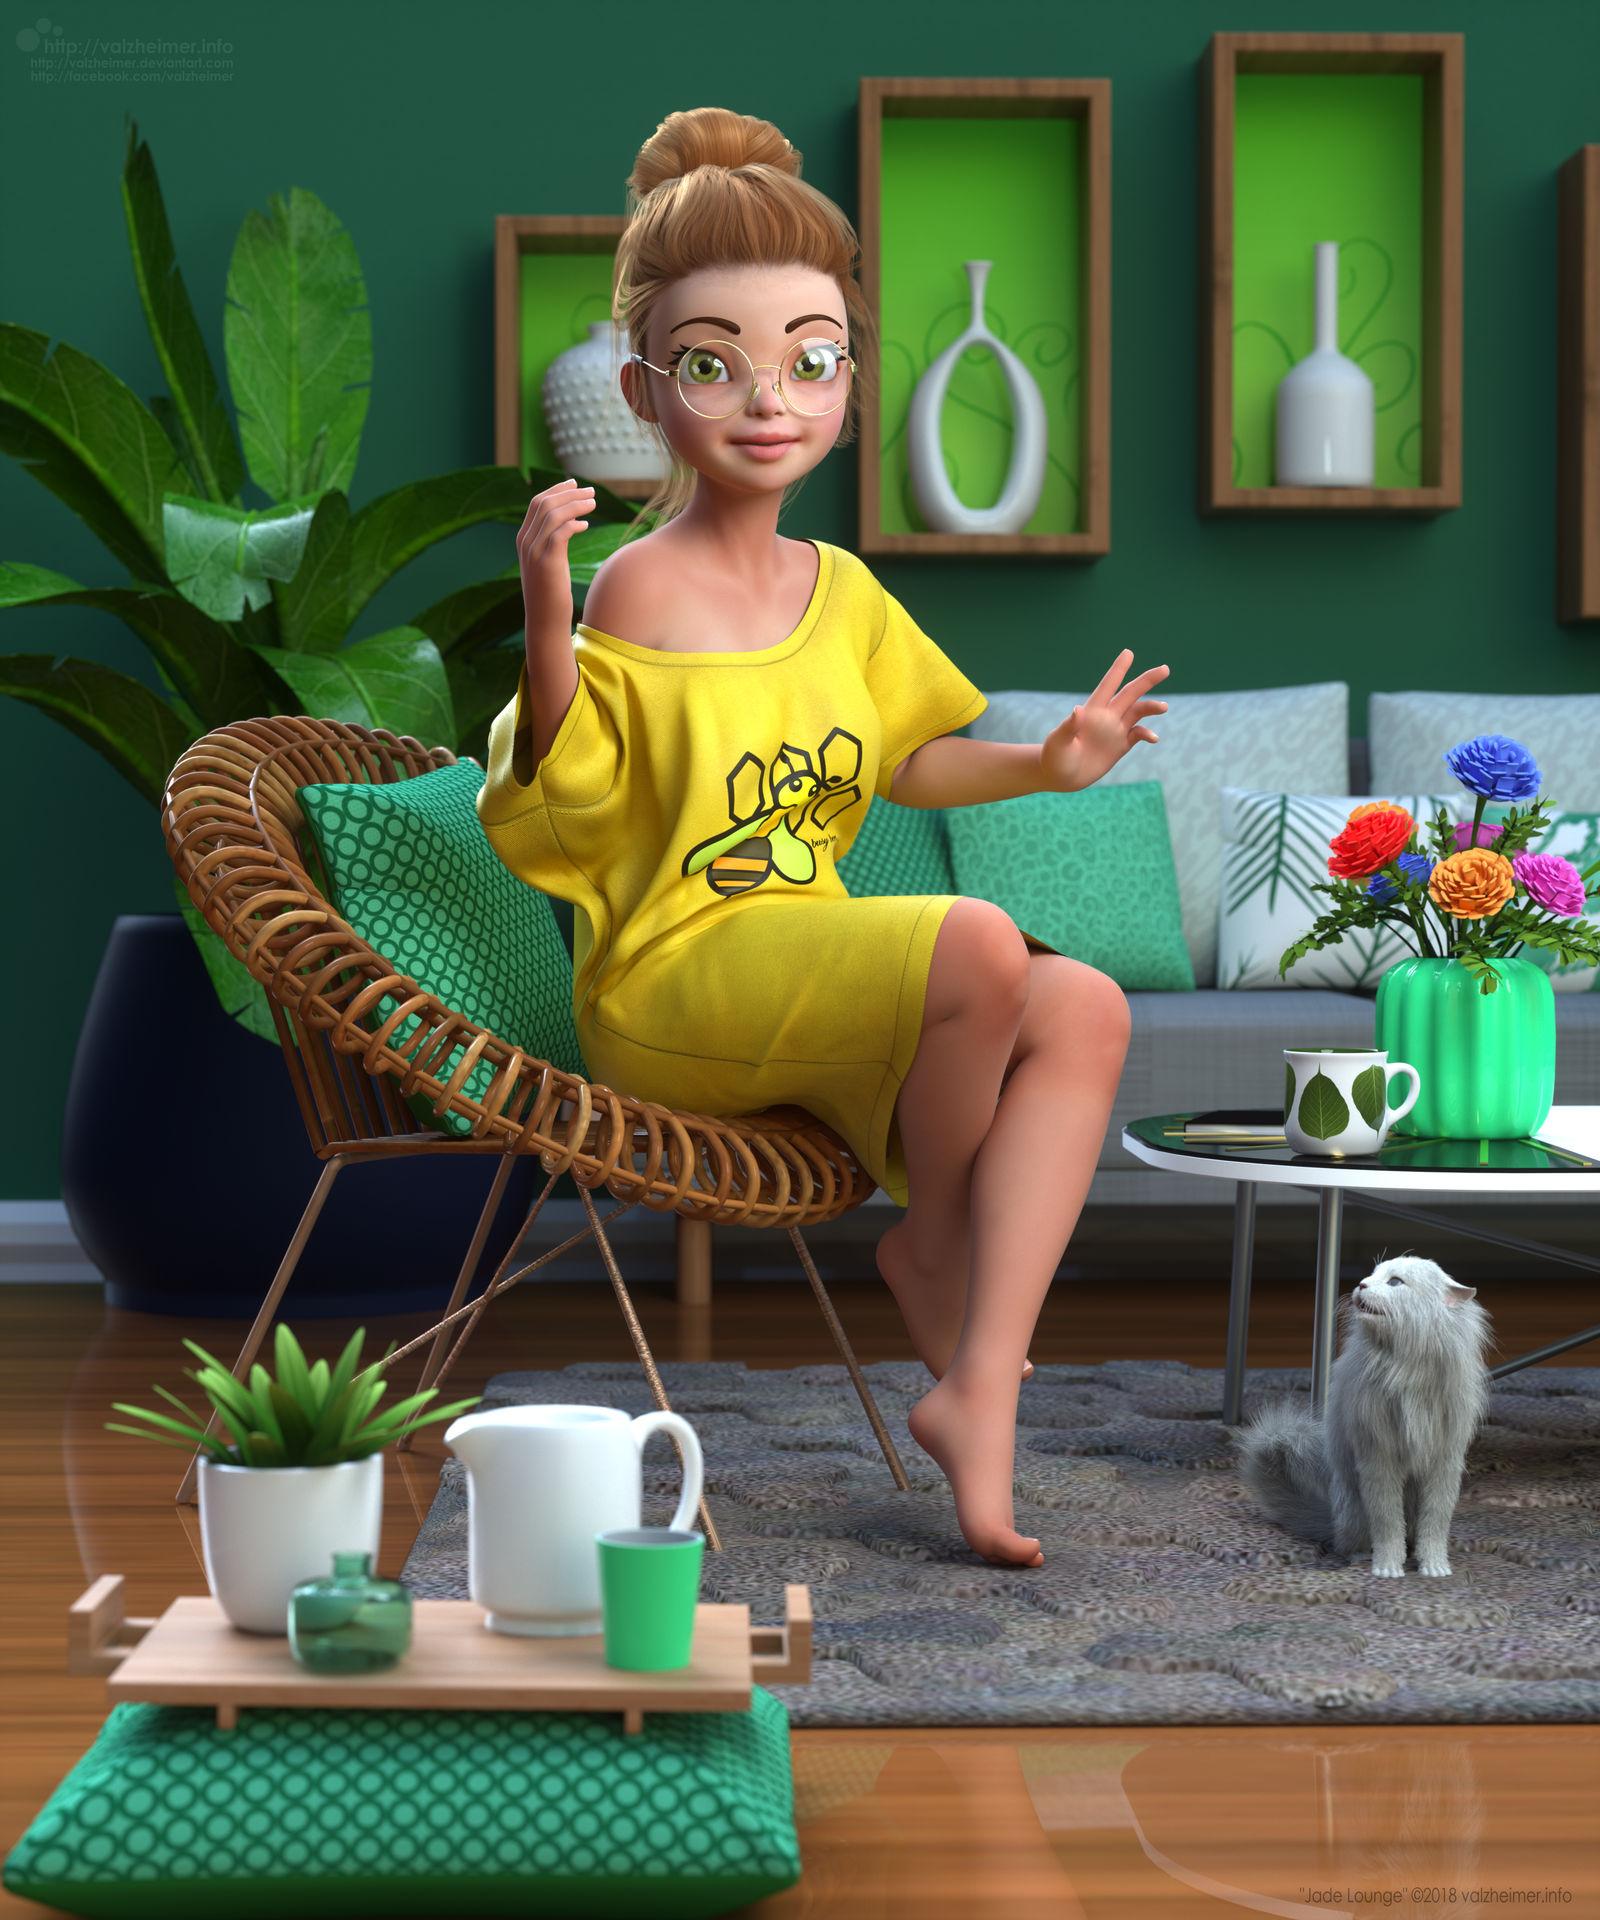 VA2018: Jade Lounge by VAlzheimer